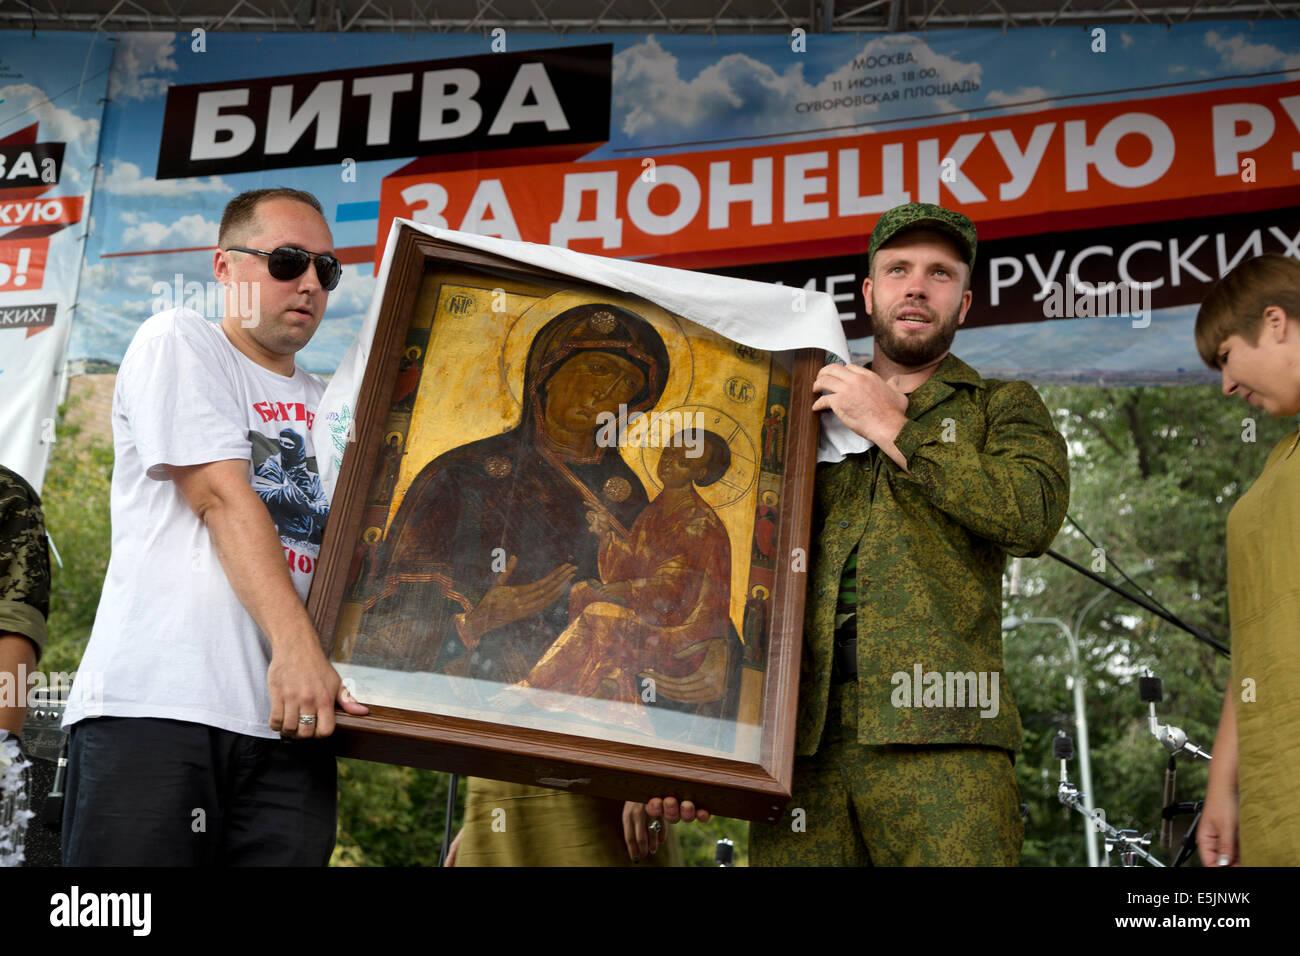 Mosca, Russia, 2 Agosto, 2014. Il Tikhvin Icona della Madre di Dio il rally a sostegno di Novorossia a Mosca, Russia Immagini Stock